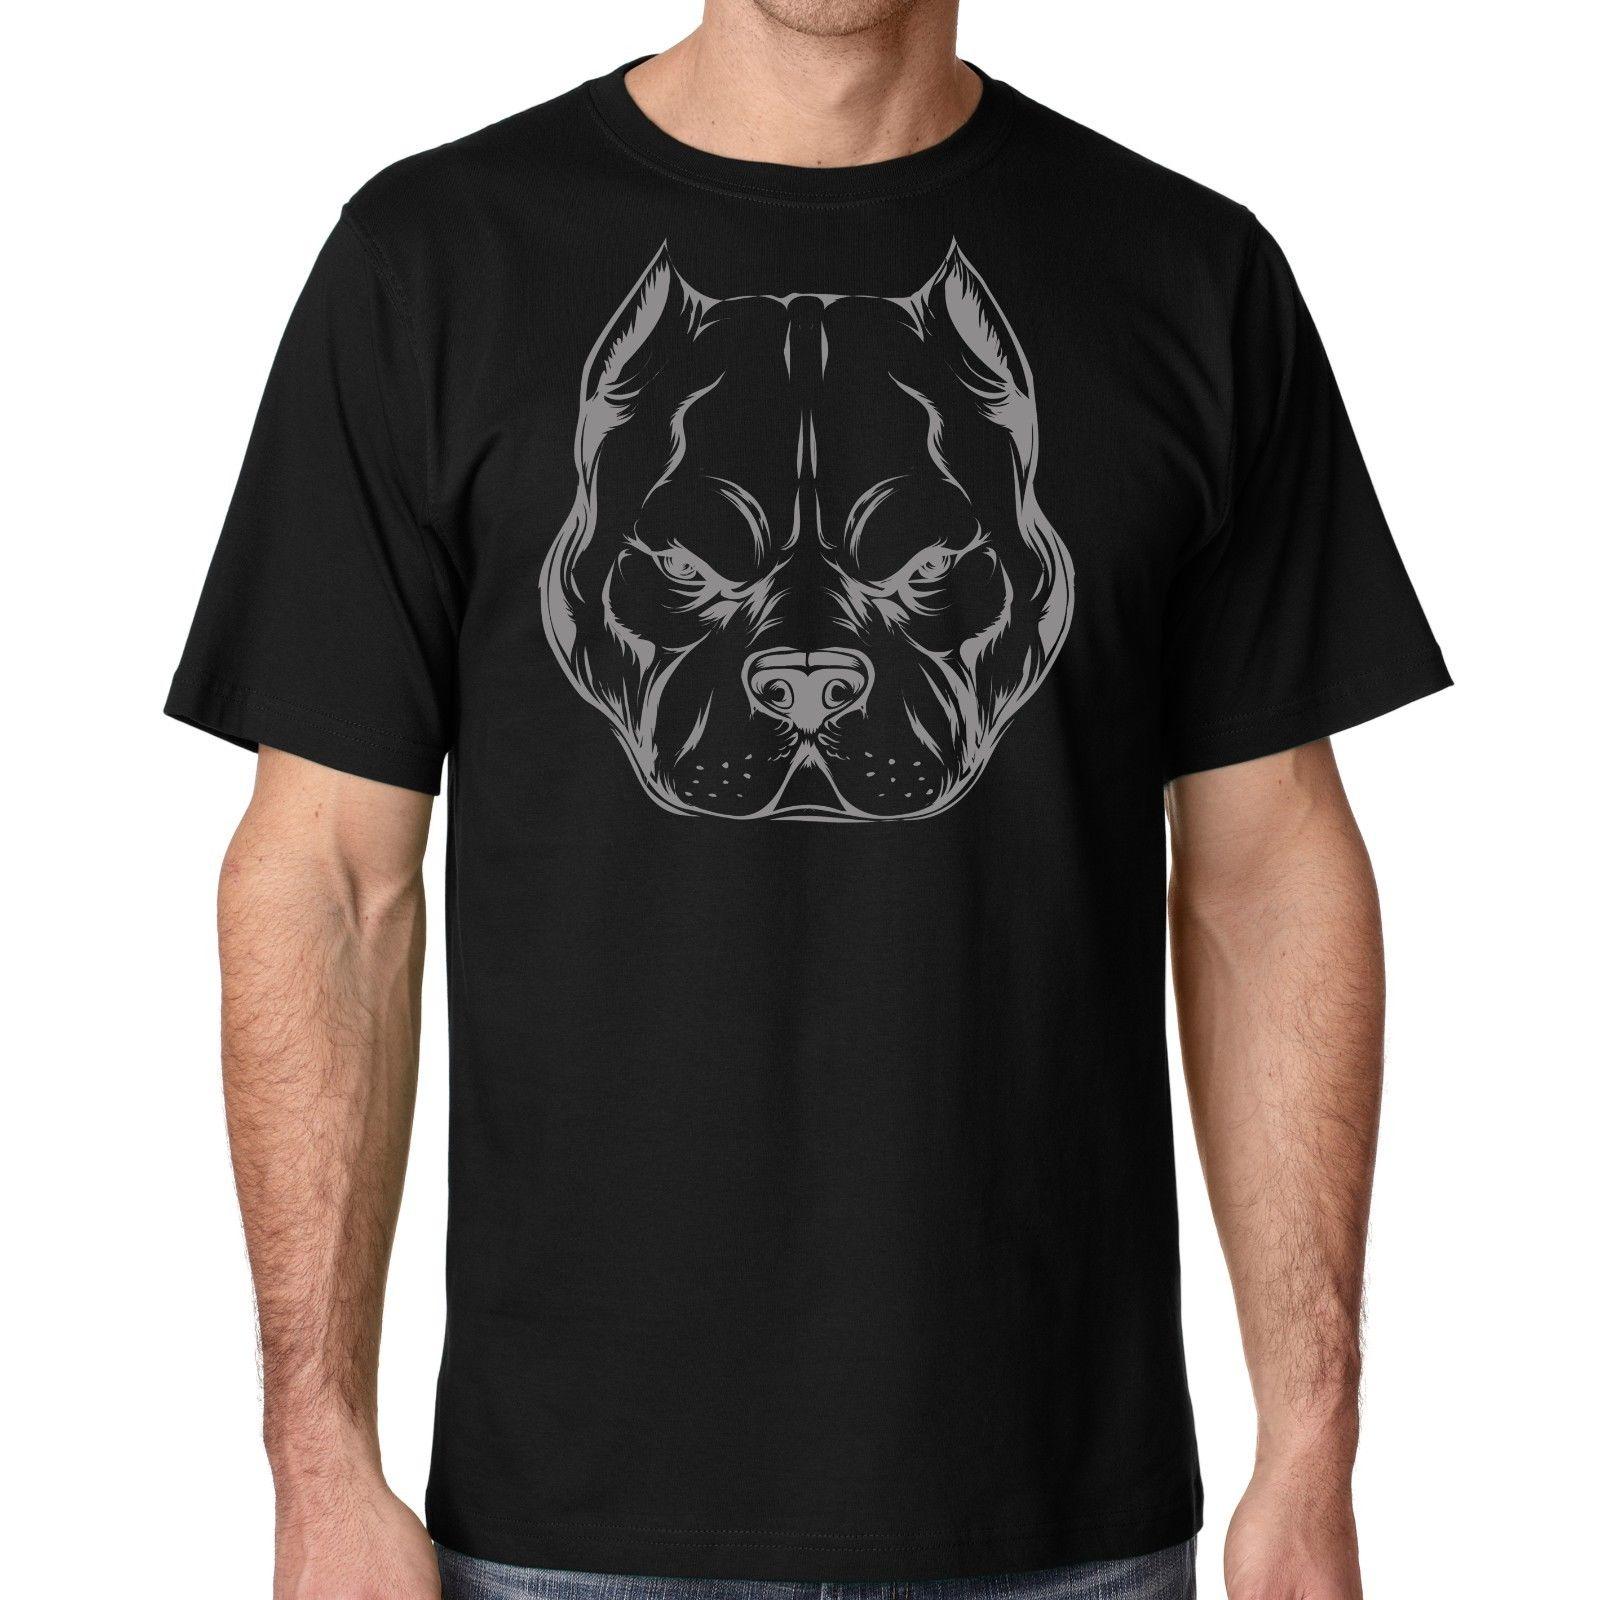 Жесткий руководитель питбуль футболка американский хулигана Supply Co Для мужчин футболка от SM через 5x дешевая распродажа 100% хлопковая футболк...